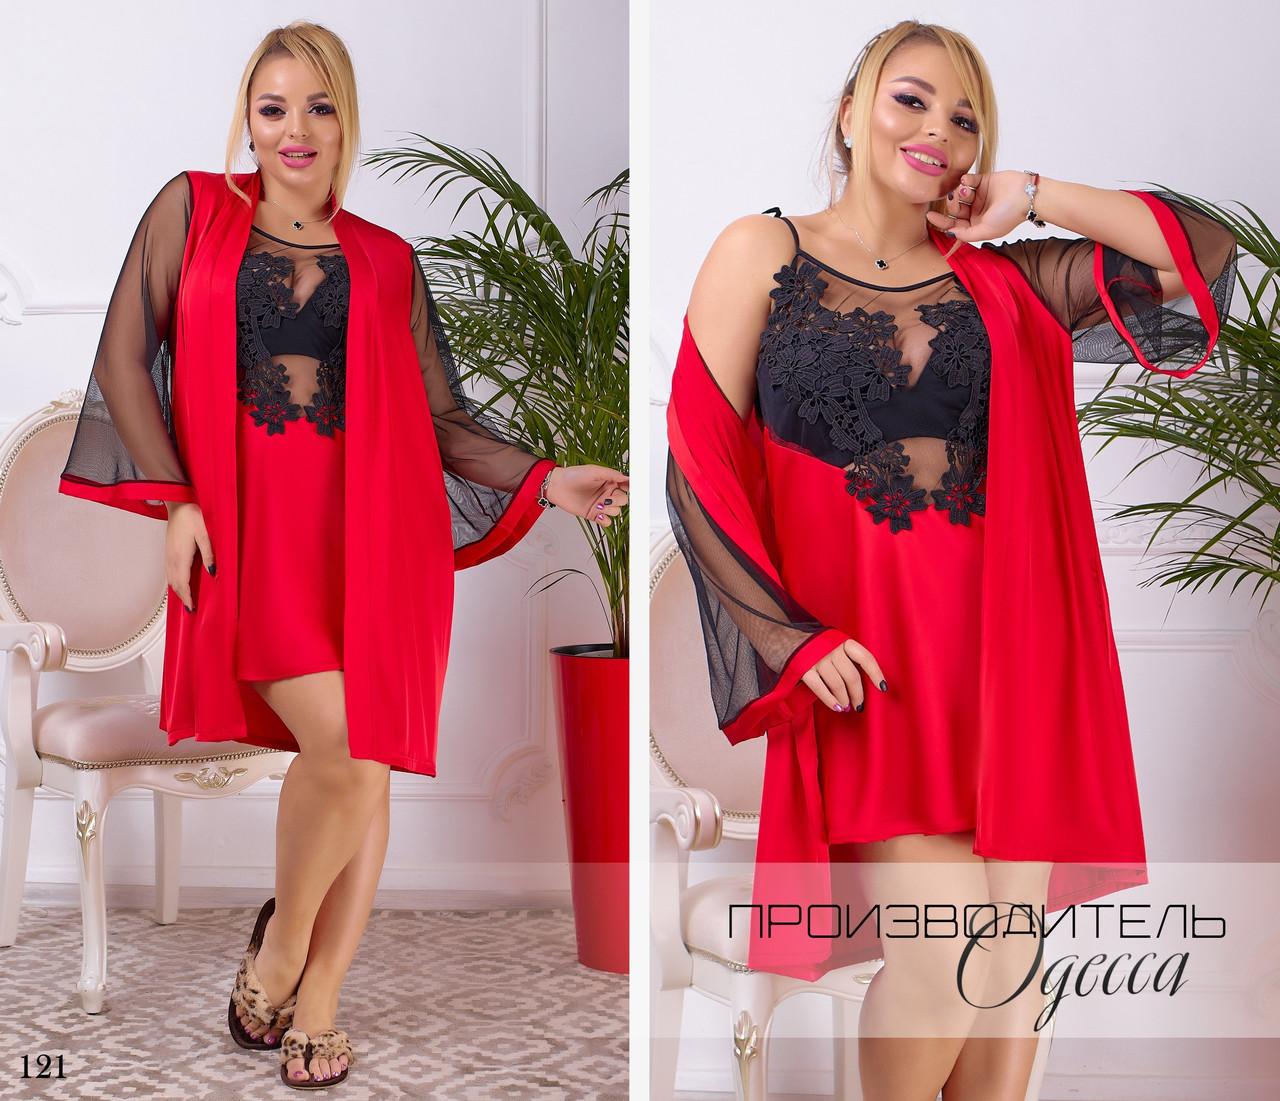 Комплект домашний женский халатик+сорочка шёлк Армани+кружево+сетка 48-50,52-54